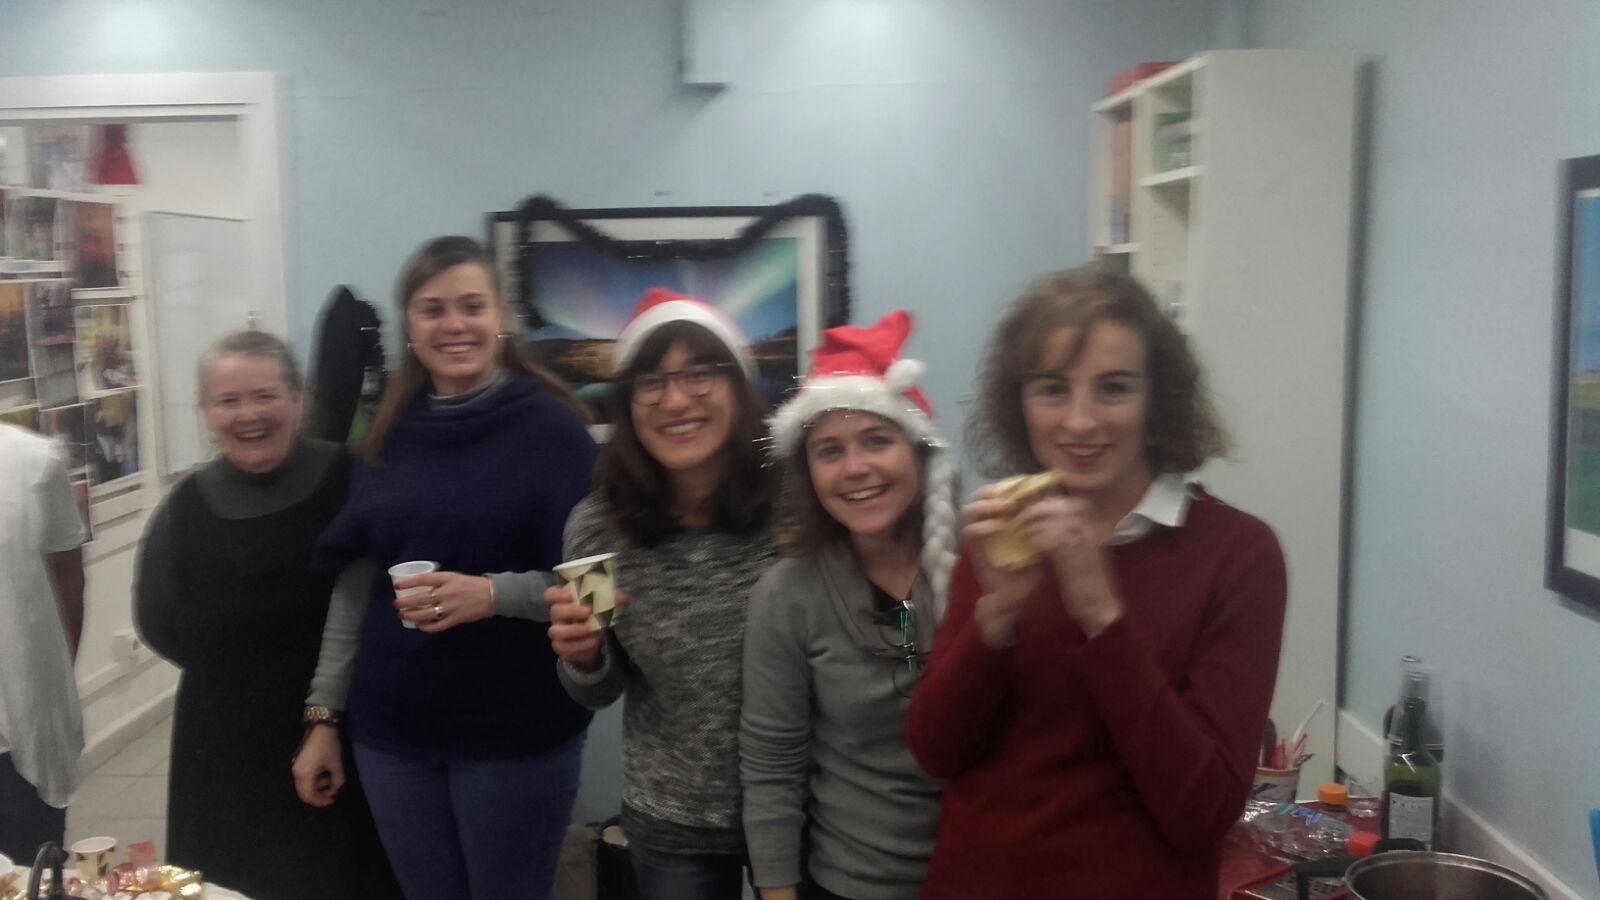 Fotos de la festa de nadal!